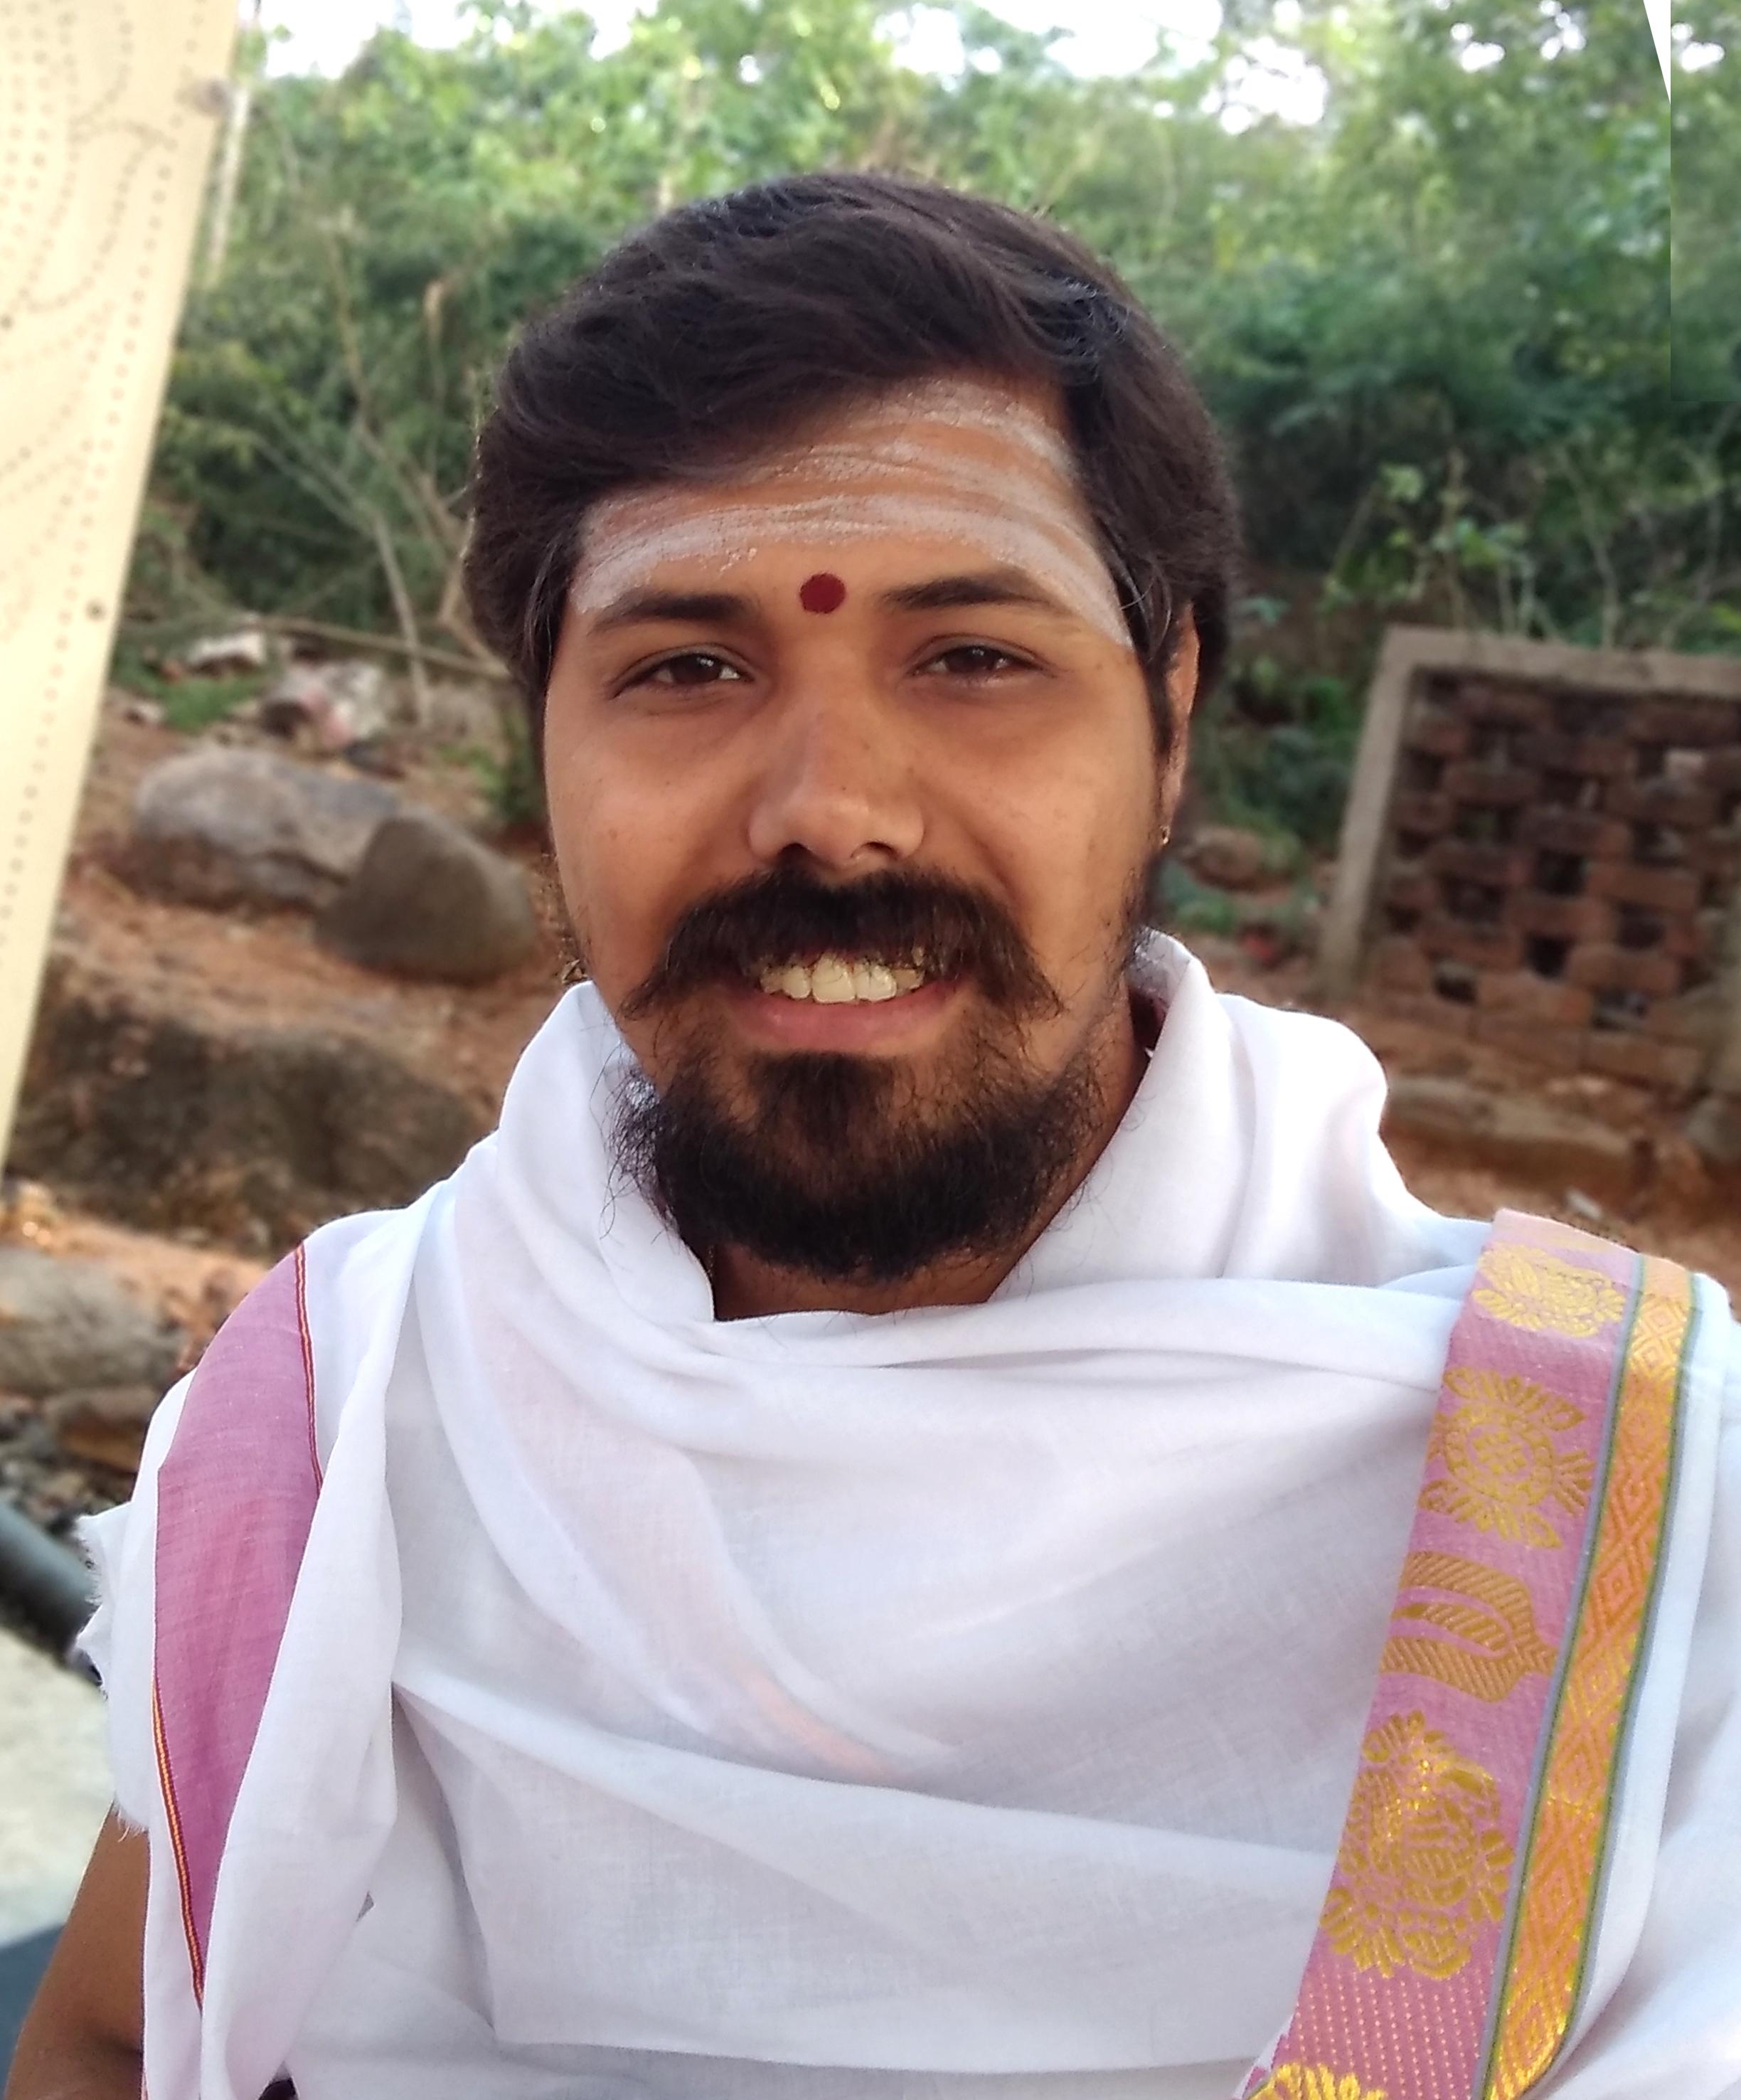 Ravikumar Sharma Pendyala